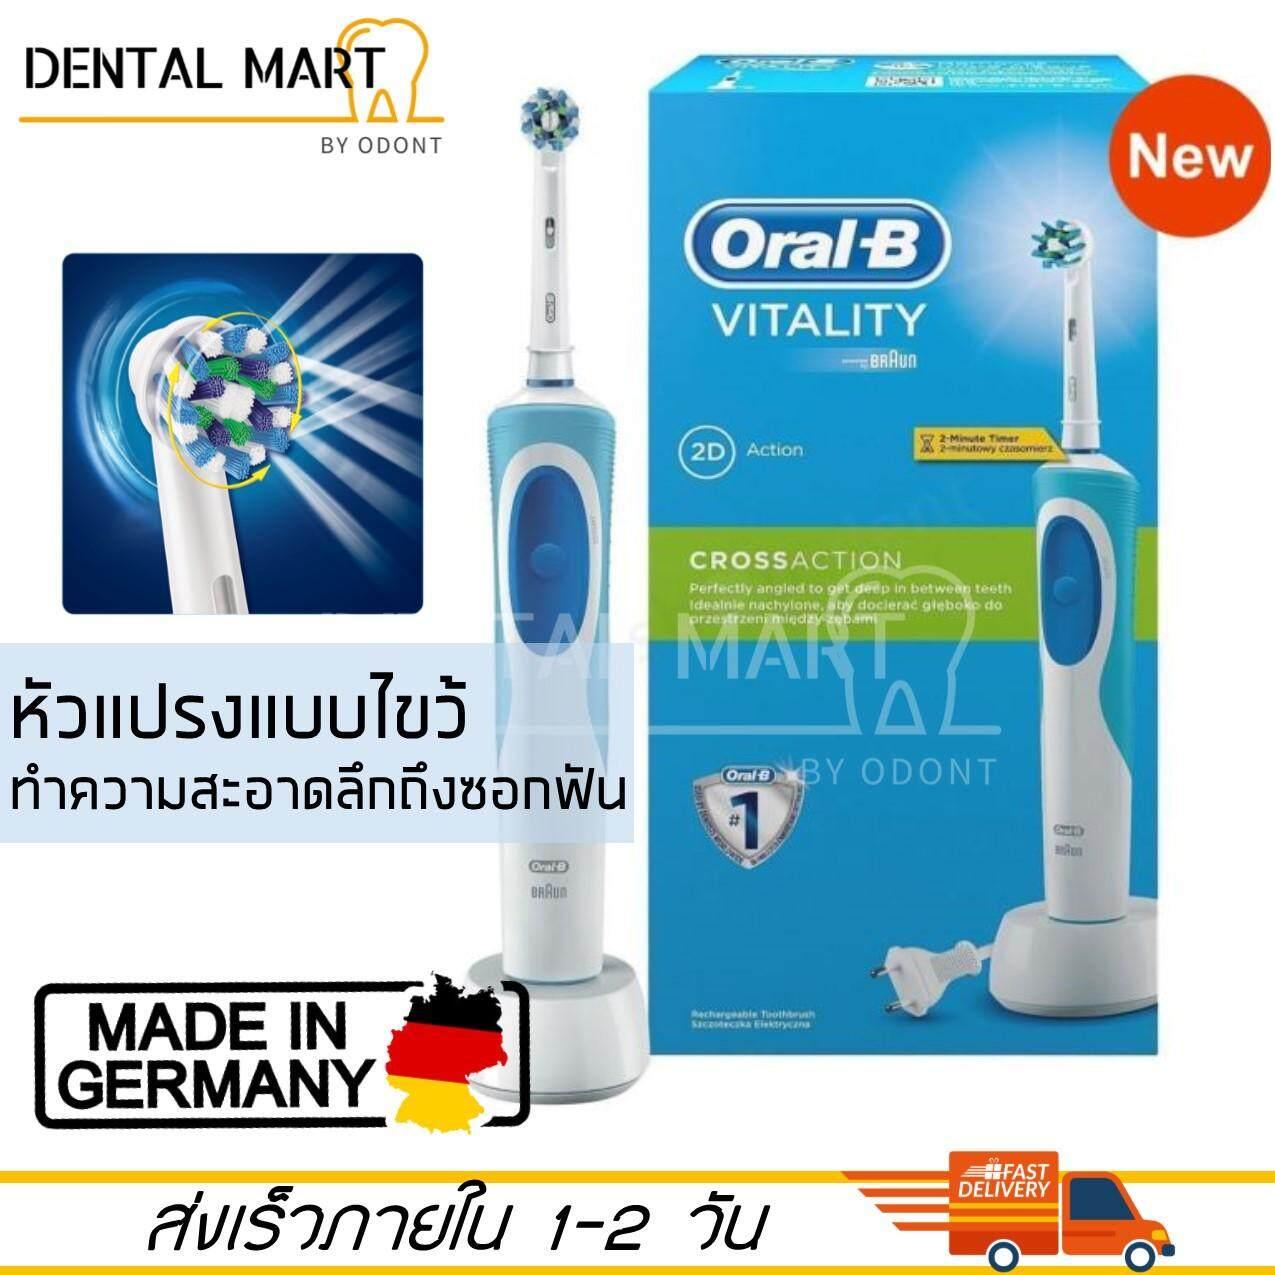 แปรงสีฟันไฟฟ้า รอยยิ้มขาวสดใสใน 1 สัปดาห์ สุโขทัย แปรงสีฟันไฟฟ้า Oral B รุ่น Vitality CrossAction !! ลดราคา เพราะ กล่องบุบ !!